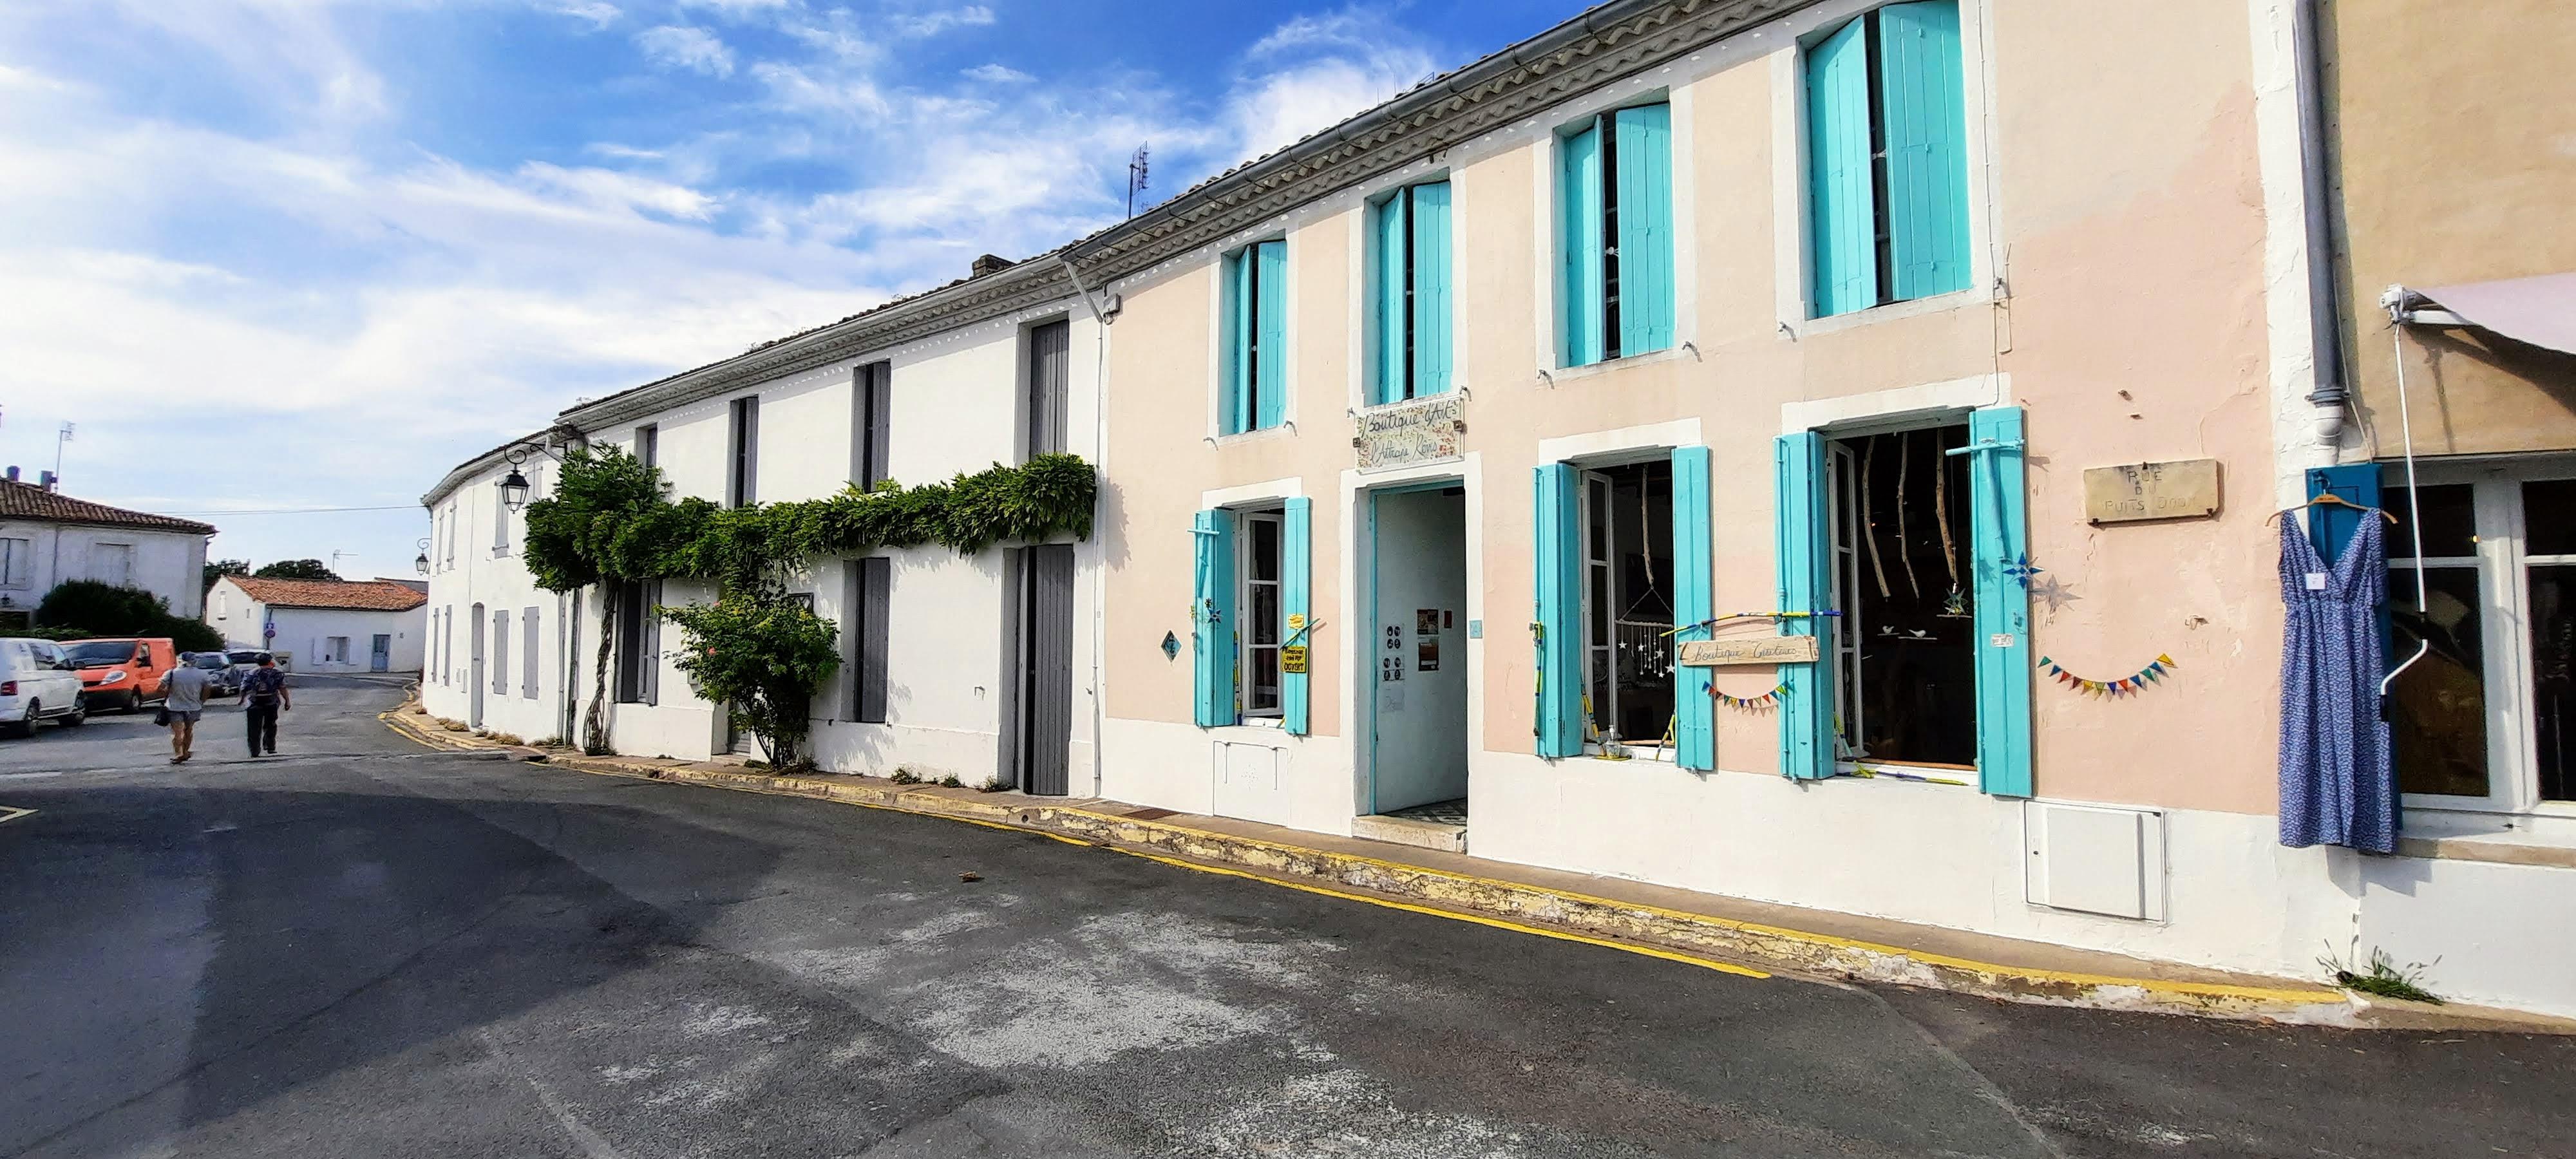 Mornac-sur-Seudre